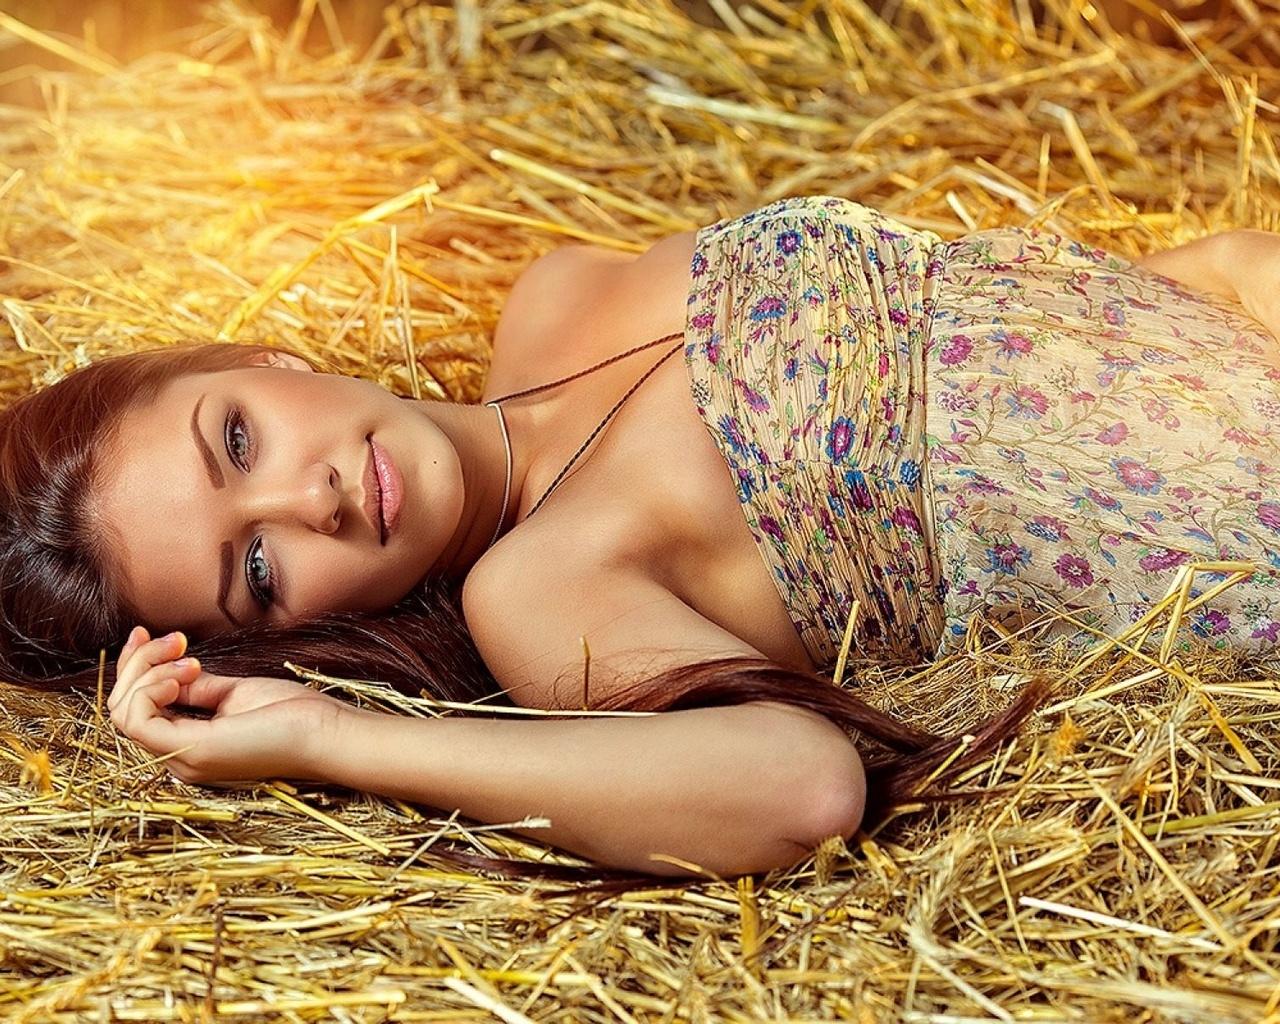 Украинский девушки голые, Голые Украинки - сиськи и попки украинских девушек 1 фотография